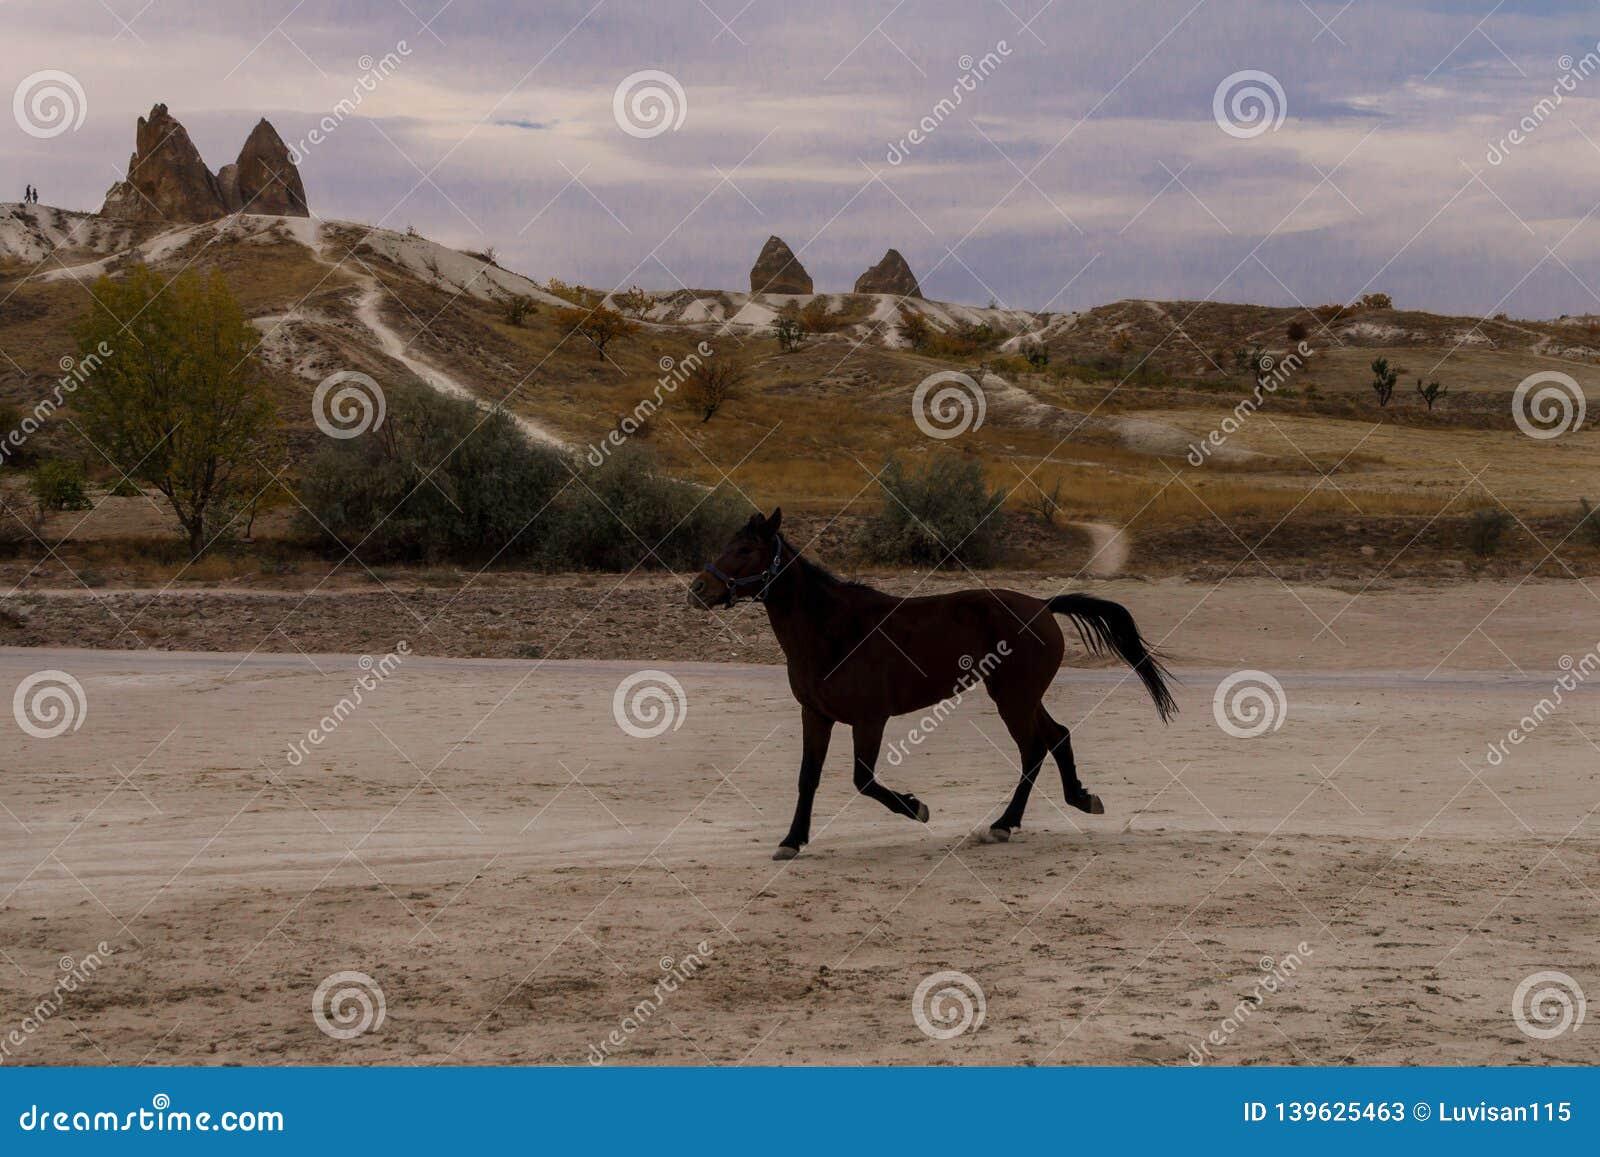 Красивые свободные бега лошади среди каменных скульптур